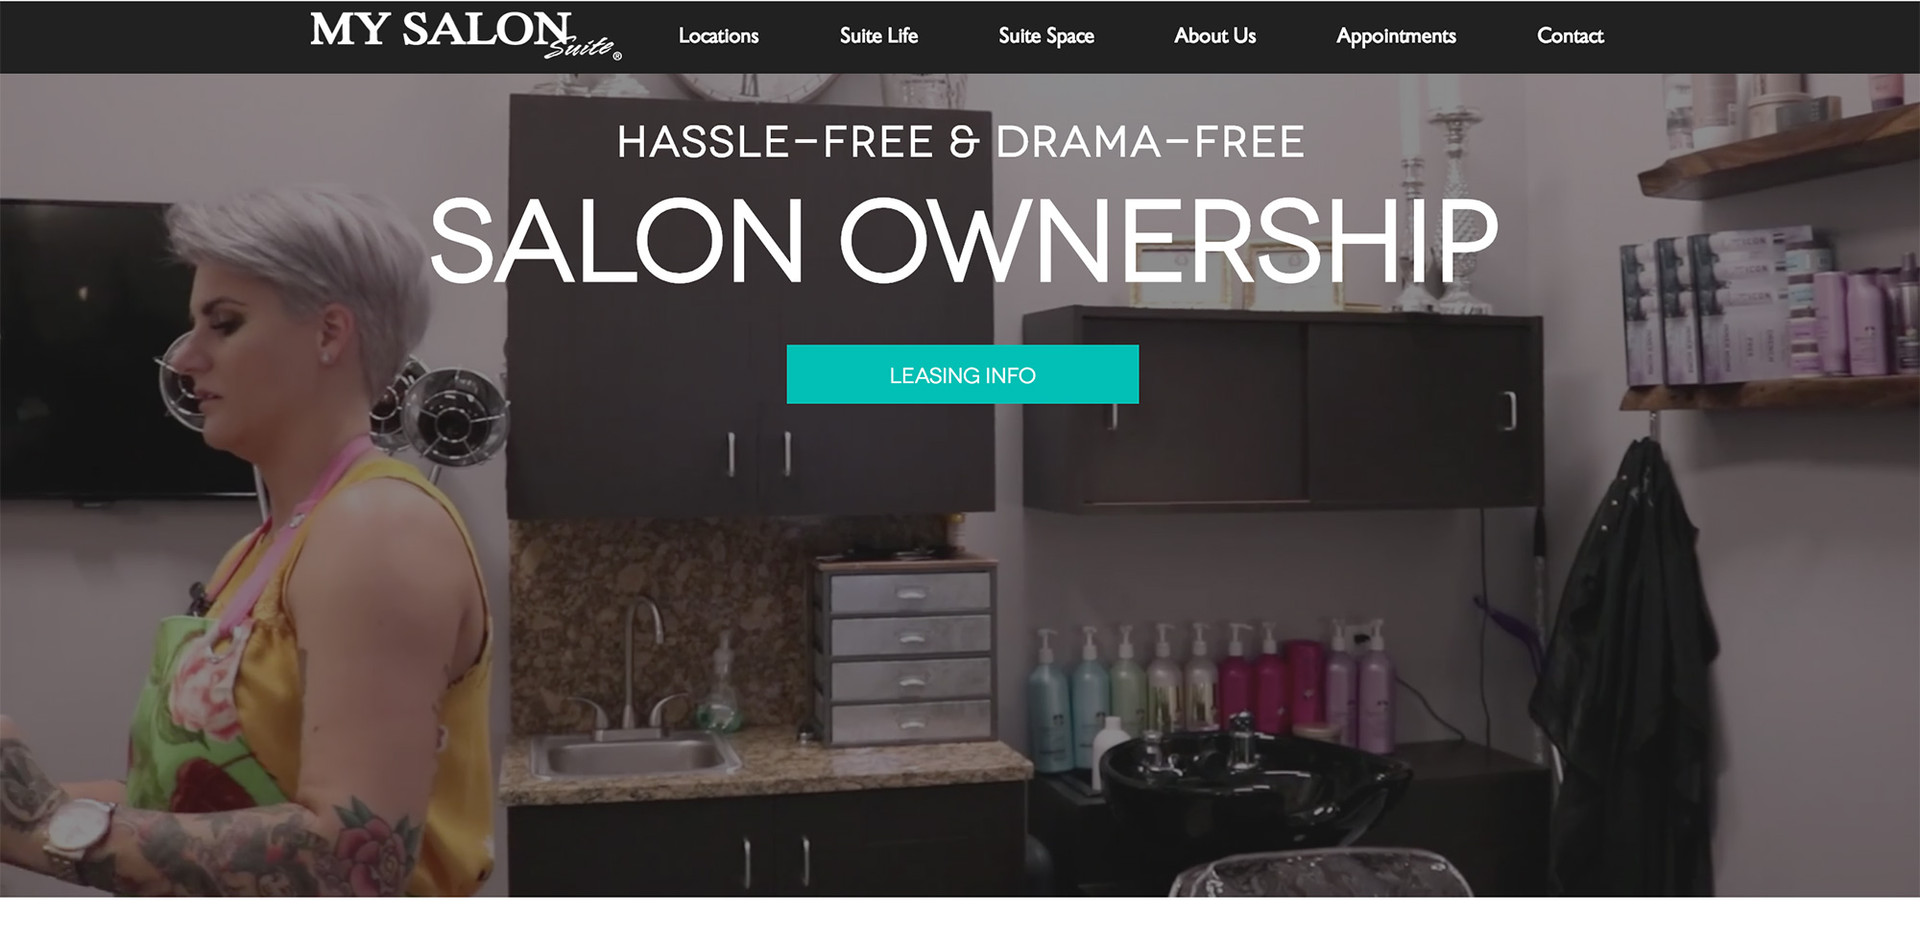 My Salon Suite Austin Home Page